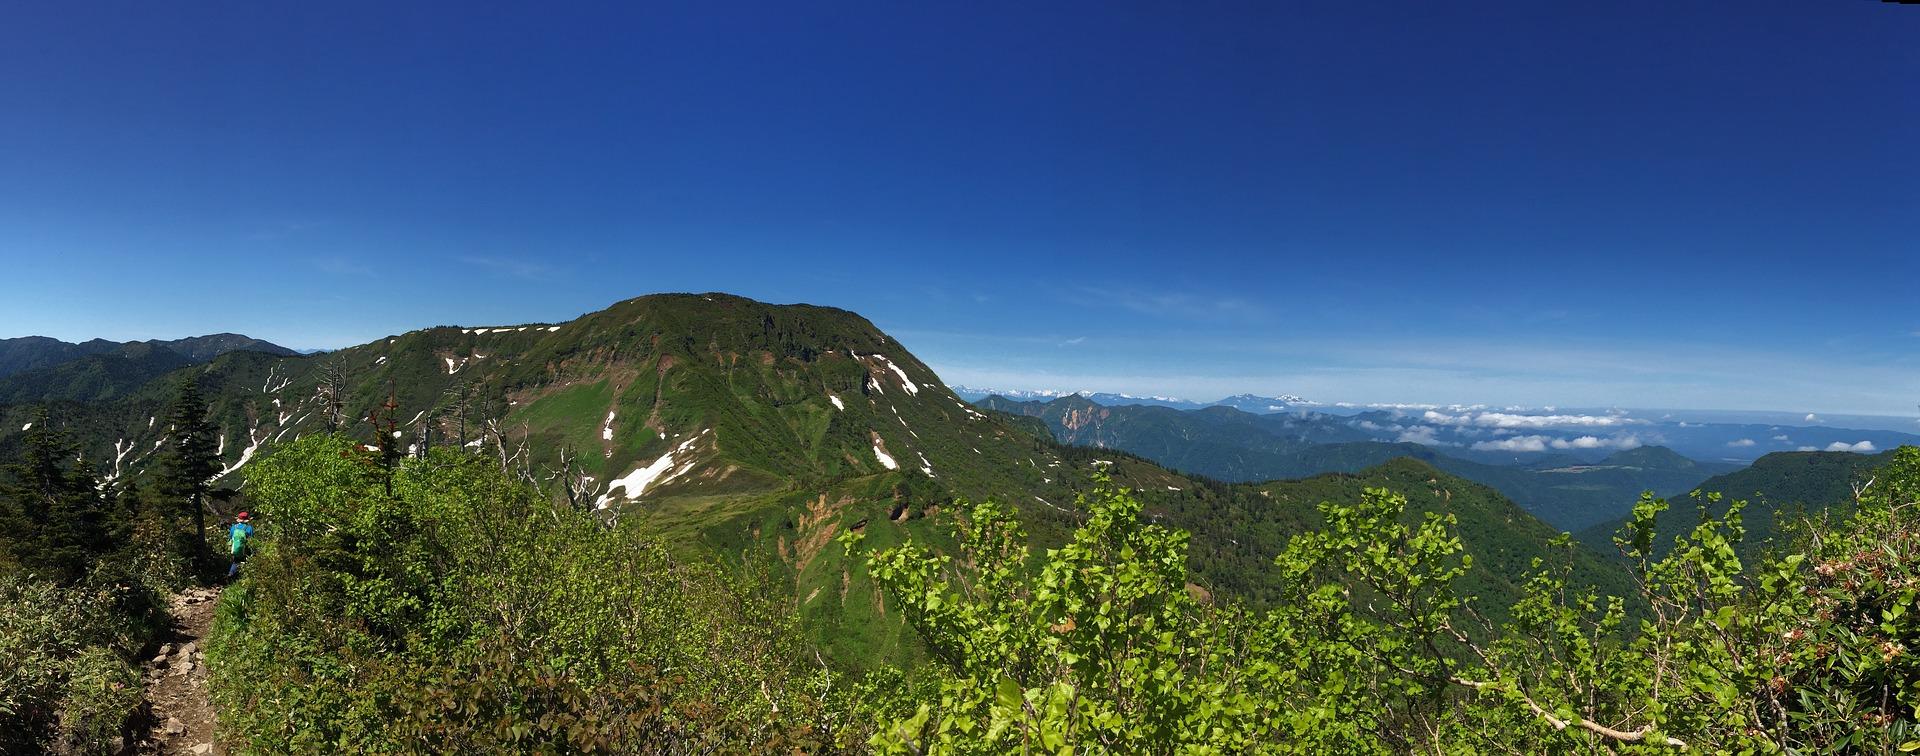 Mountain 3567644 1920